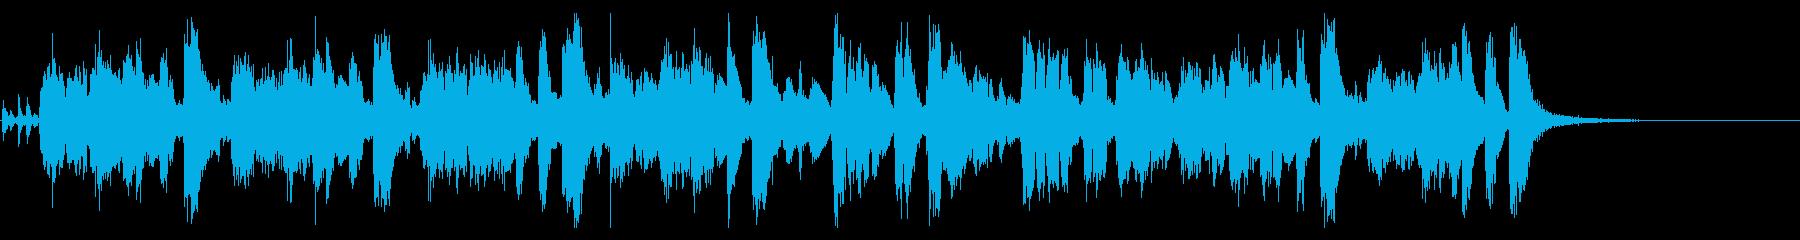 豪華なビッグバンドのジングル・24秒の再生済みの波形